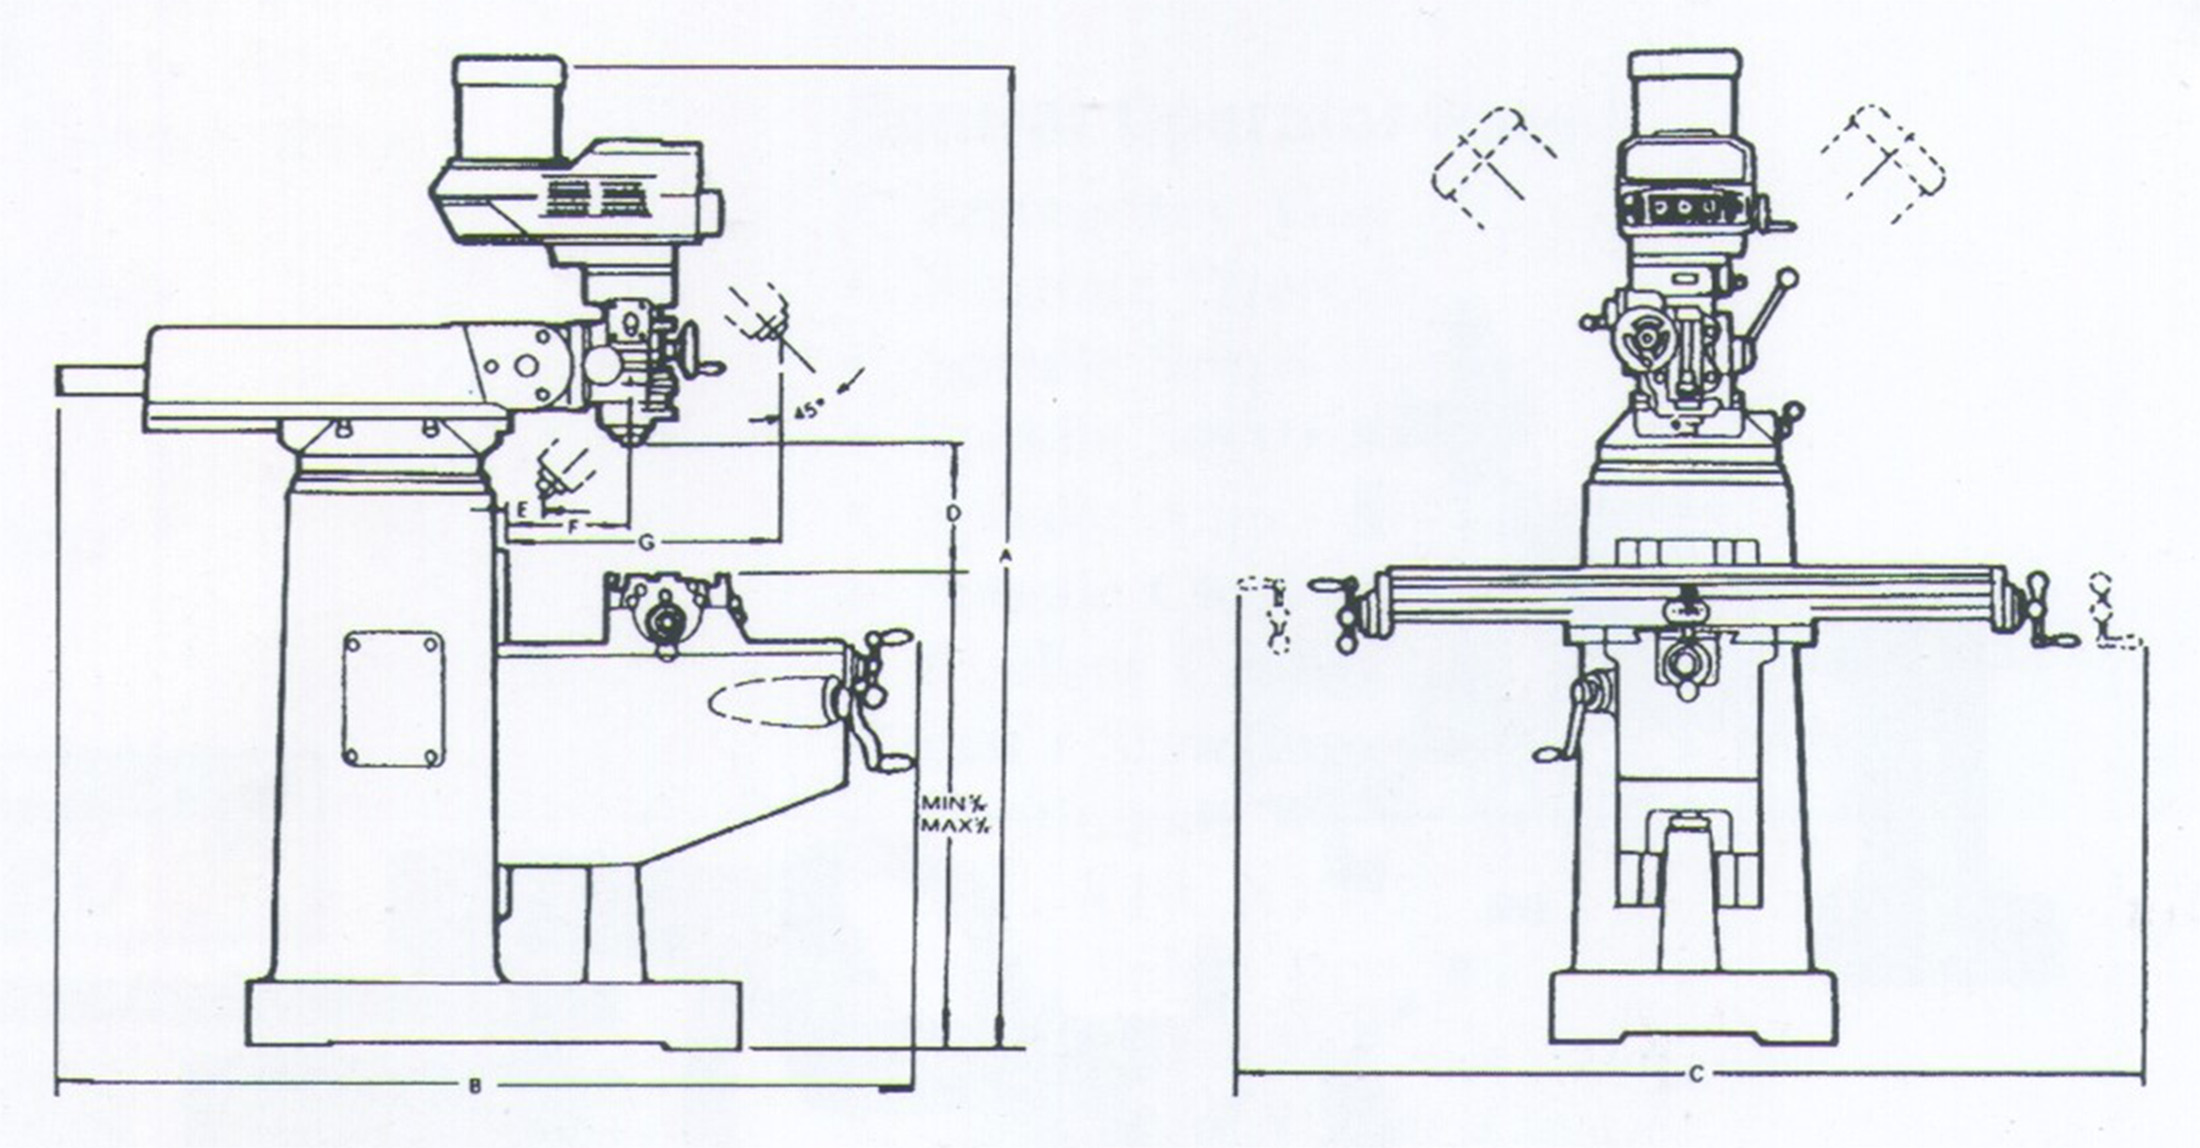 tabletop cnc kit